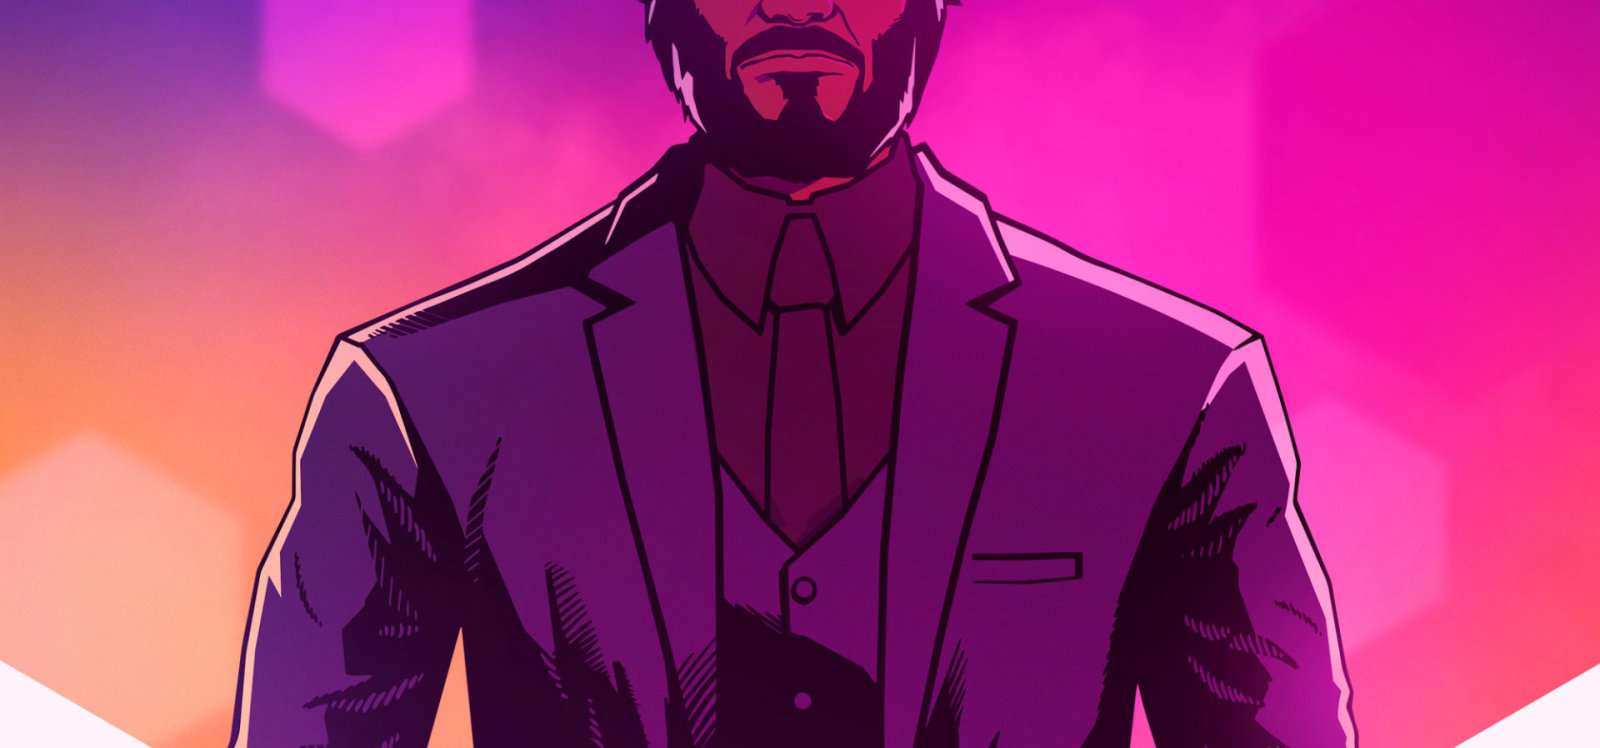 《疾速备战》改编游戏《John Wick Hex》正式公布